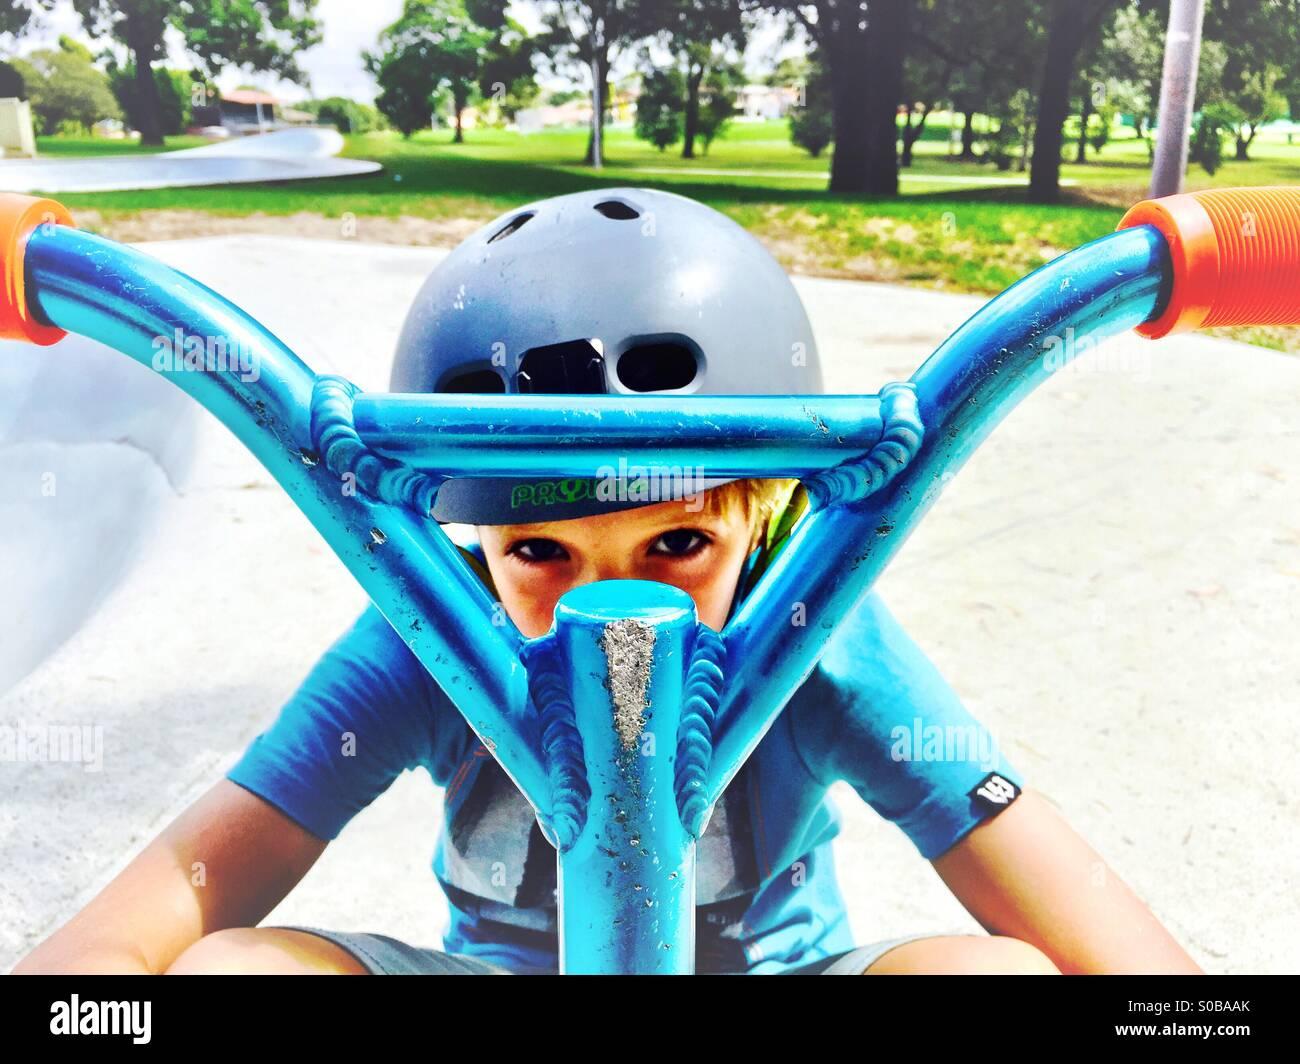 Un garçon à la recherche grâce à son scooter Faire une forme de 'X' Photo Stock